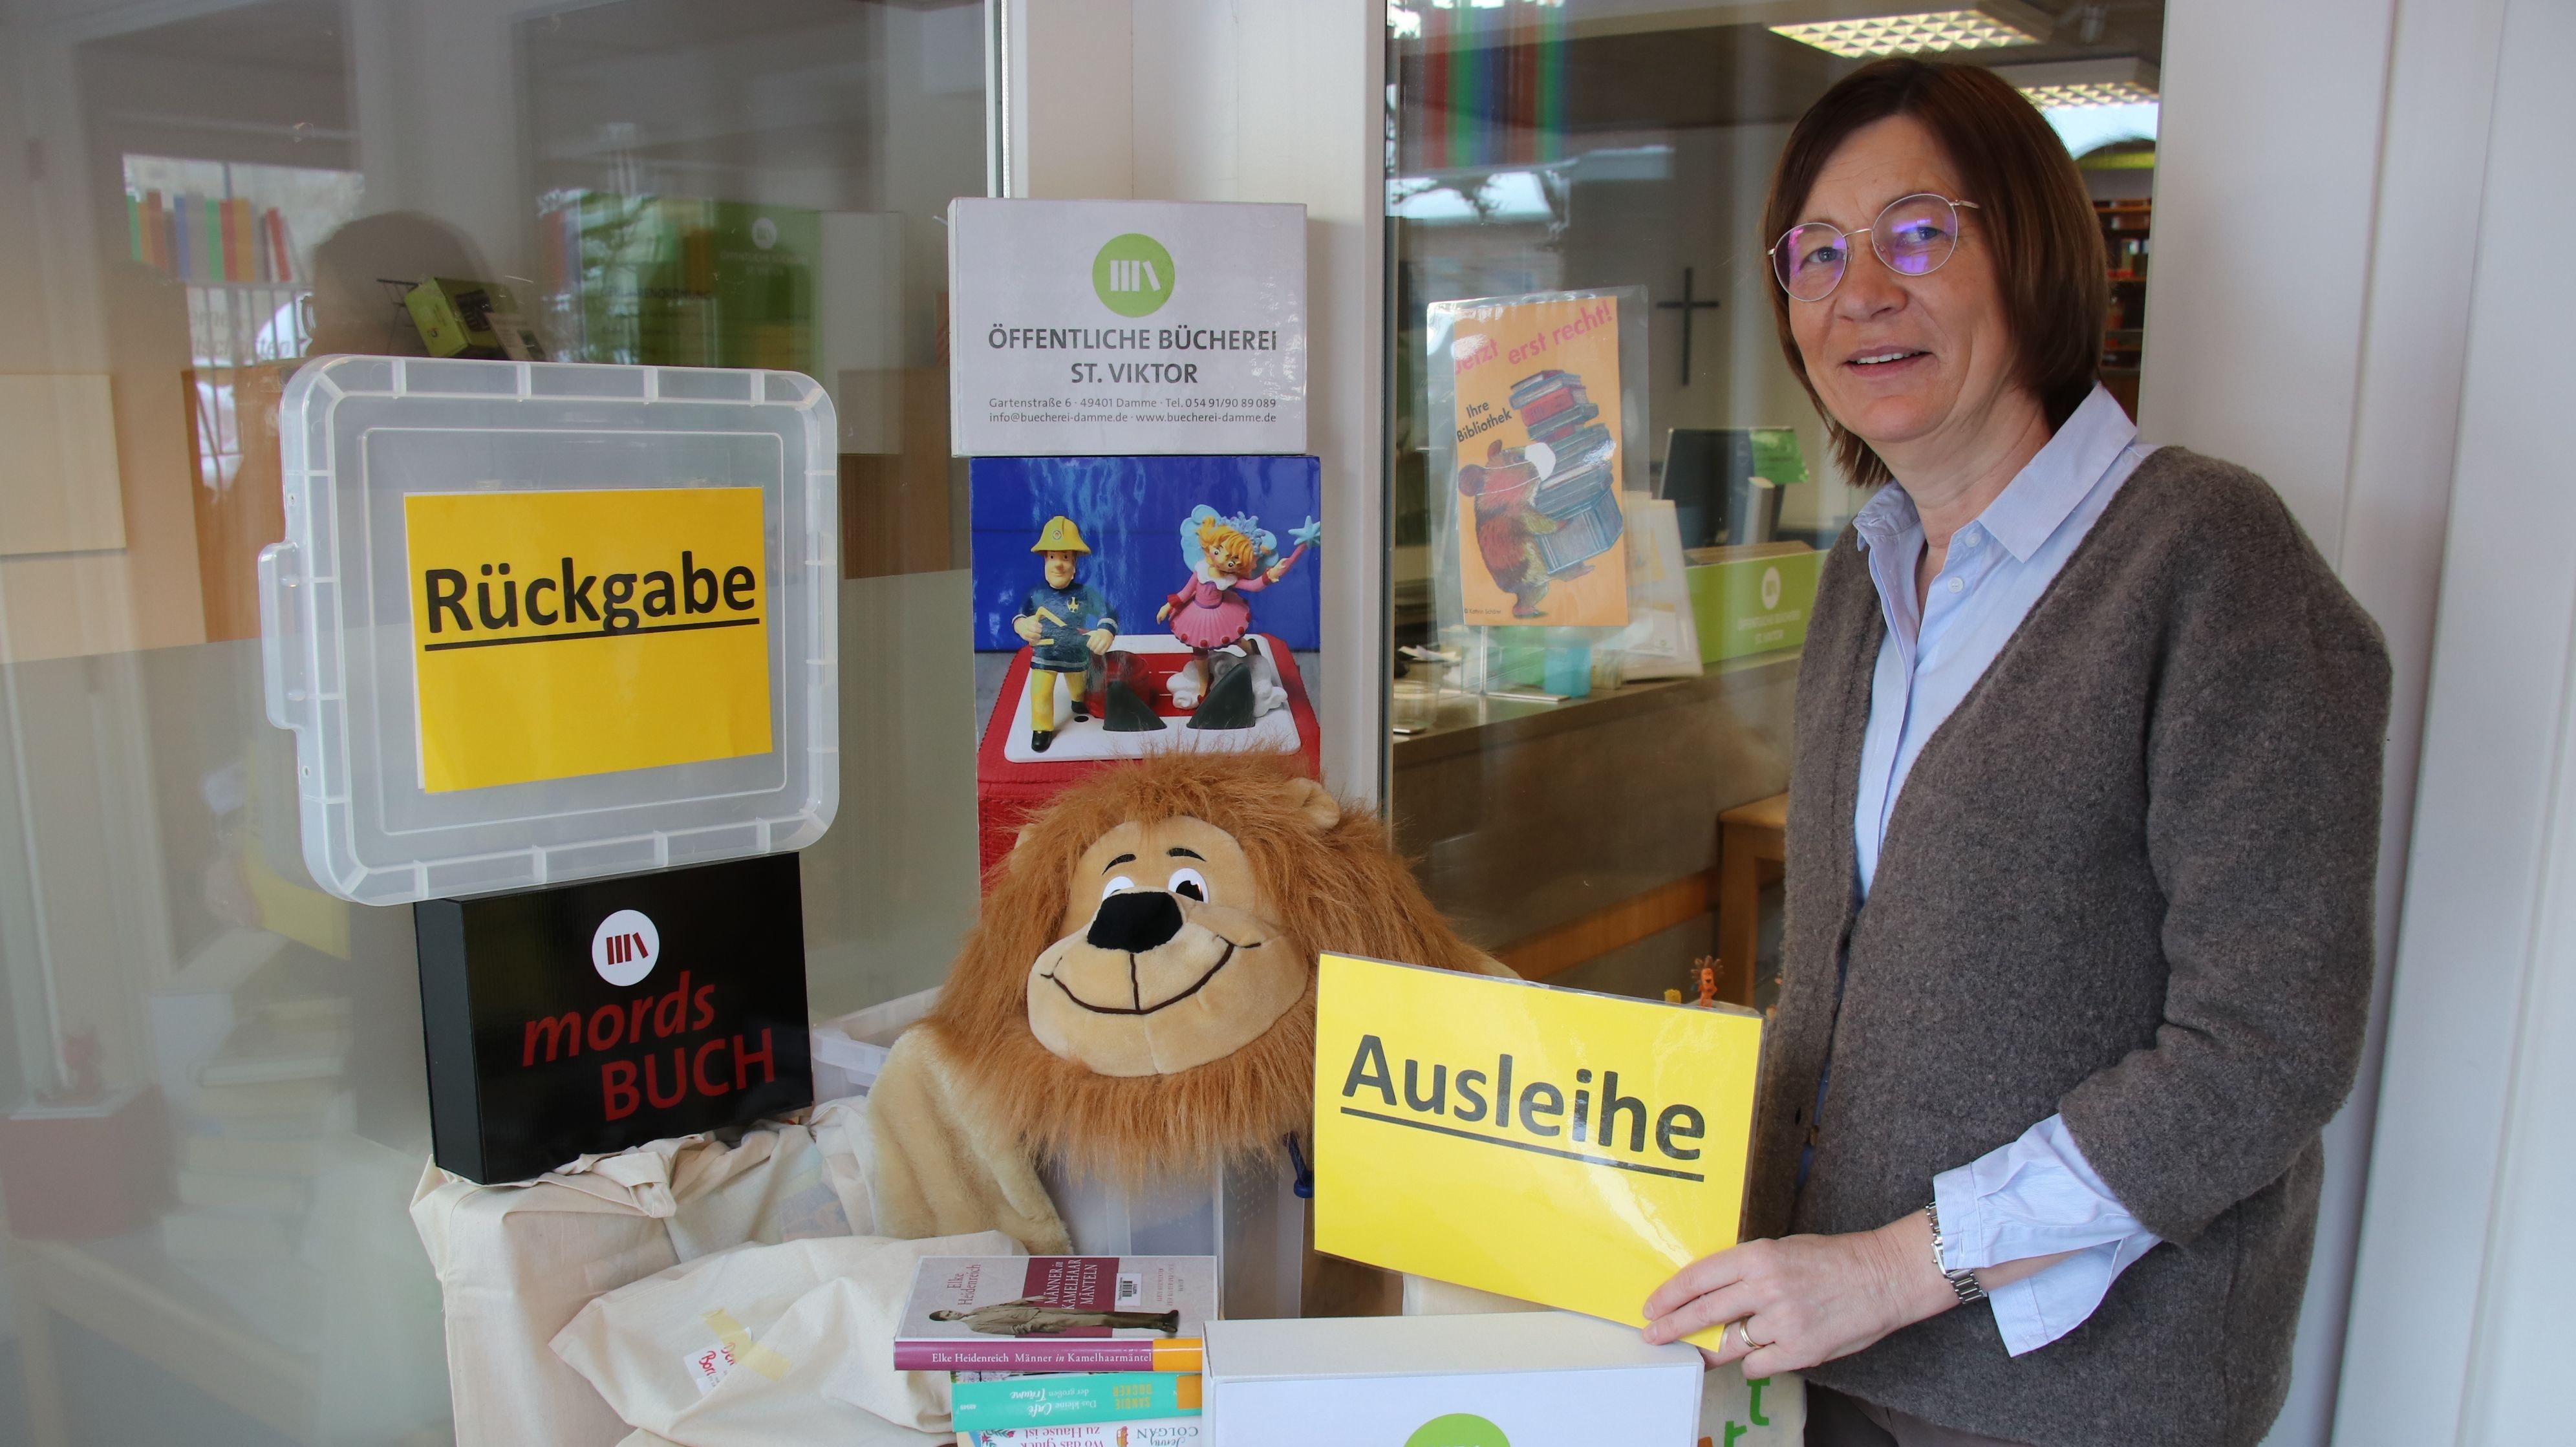 Eingeschränkter Lesealltag: Anja Kramer und ihre Mitarbeiterinnen haben den Büchereibetrieb eingeschränkt. Die Ausleihe von Medien ist nur noch kontaktlos möglich. Foto: Lammert